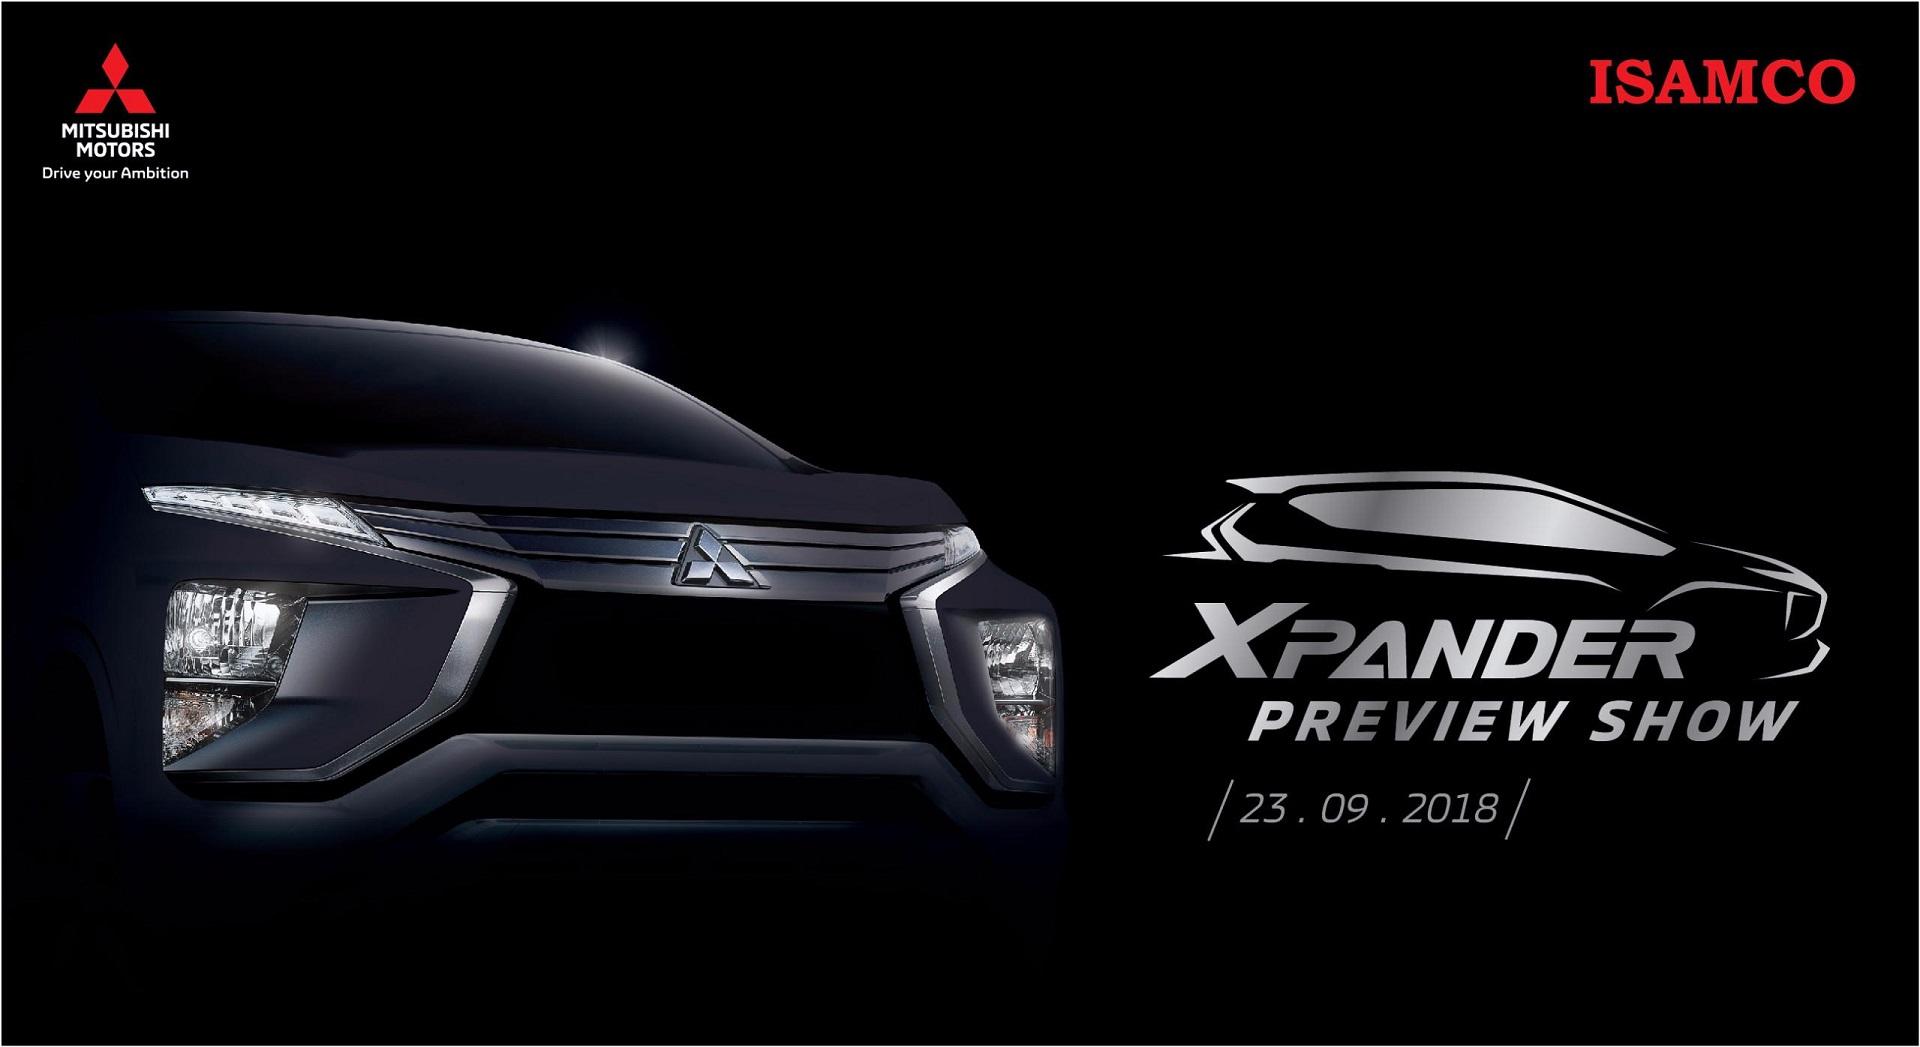 """Chương trình đặc biệt """"XPANDER PREVIEW SHOW"""" tại Showroom Mitsubishi ISAMCO ngày 23/9/2018"""